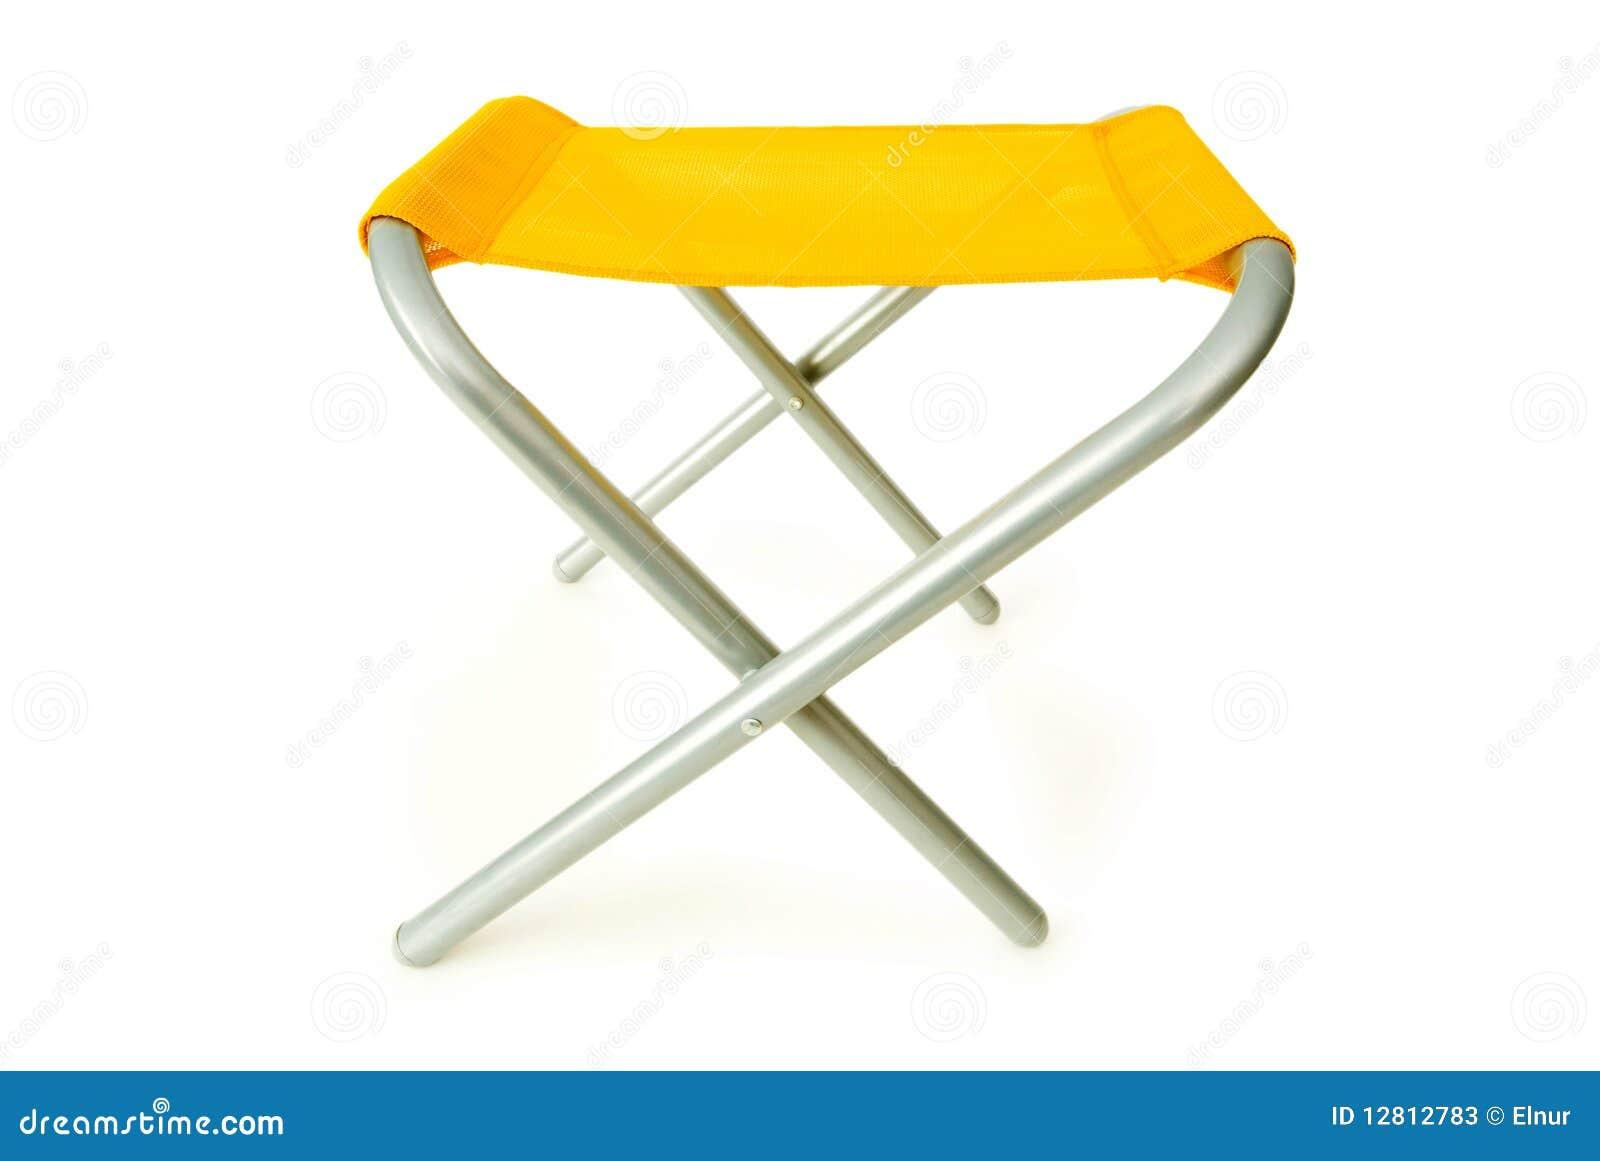 Cadeira de praia isolada no branco